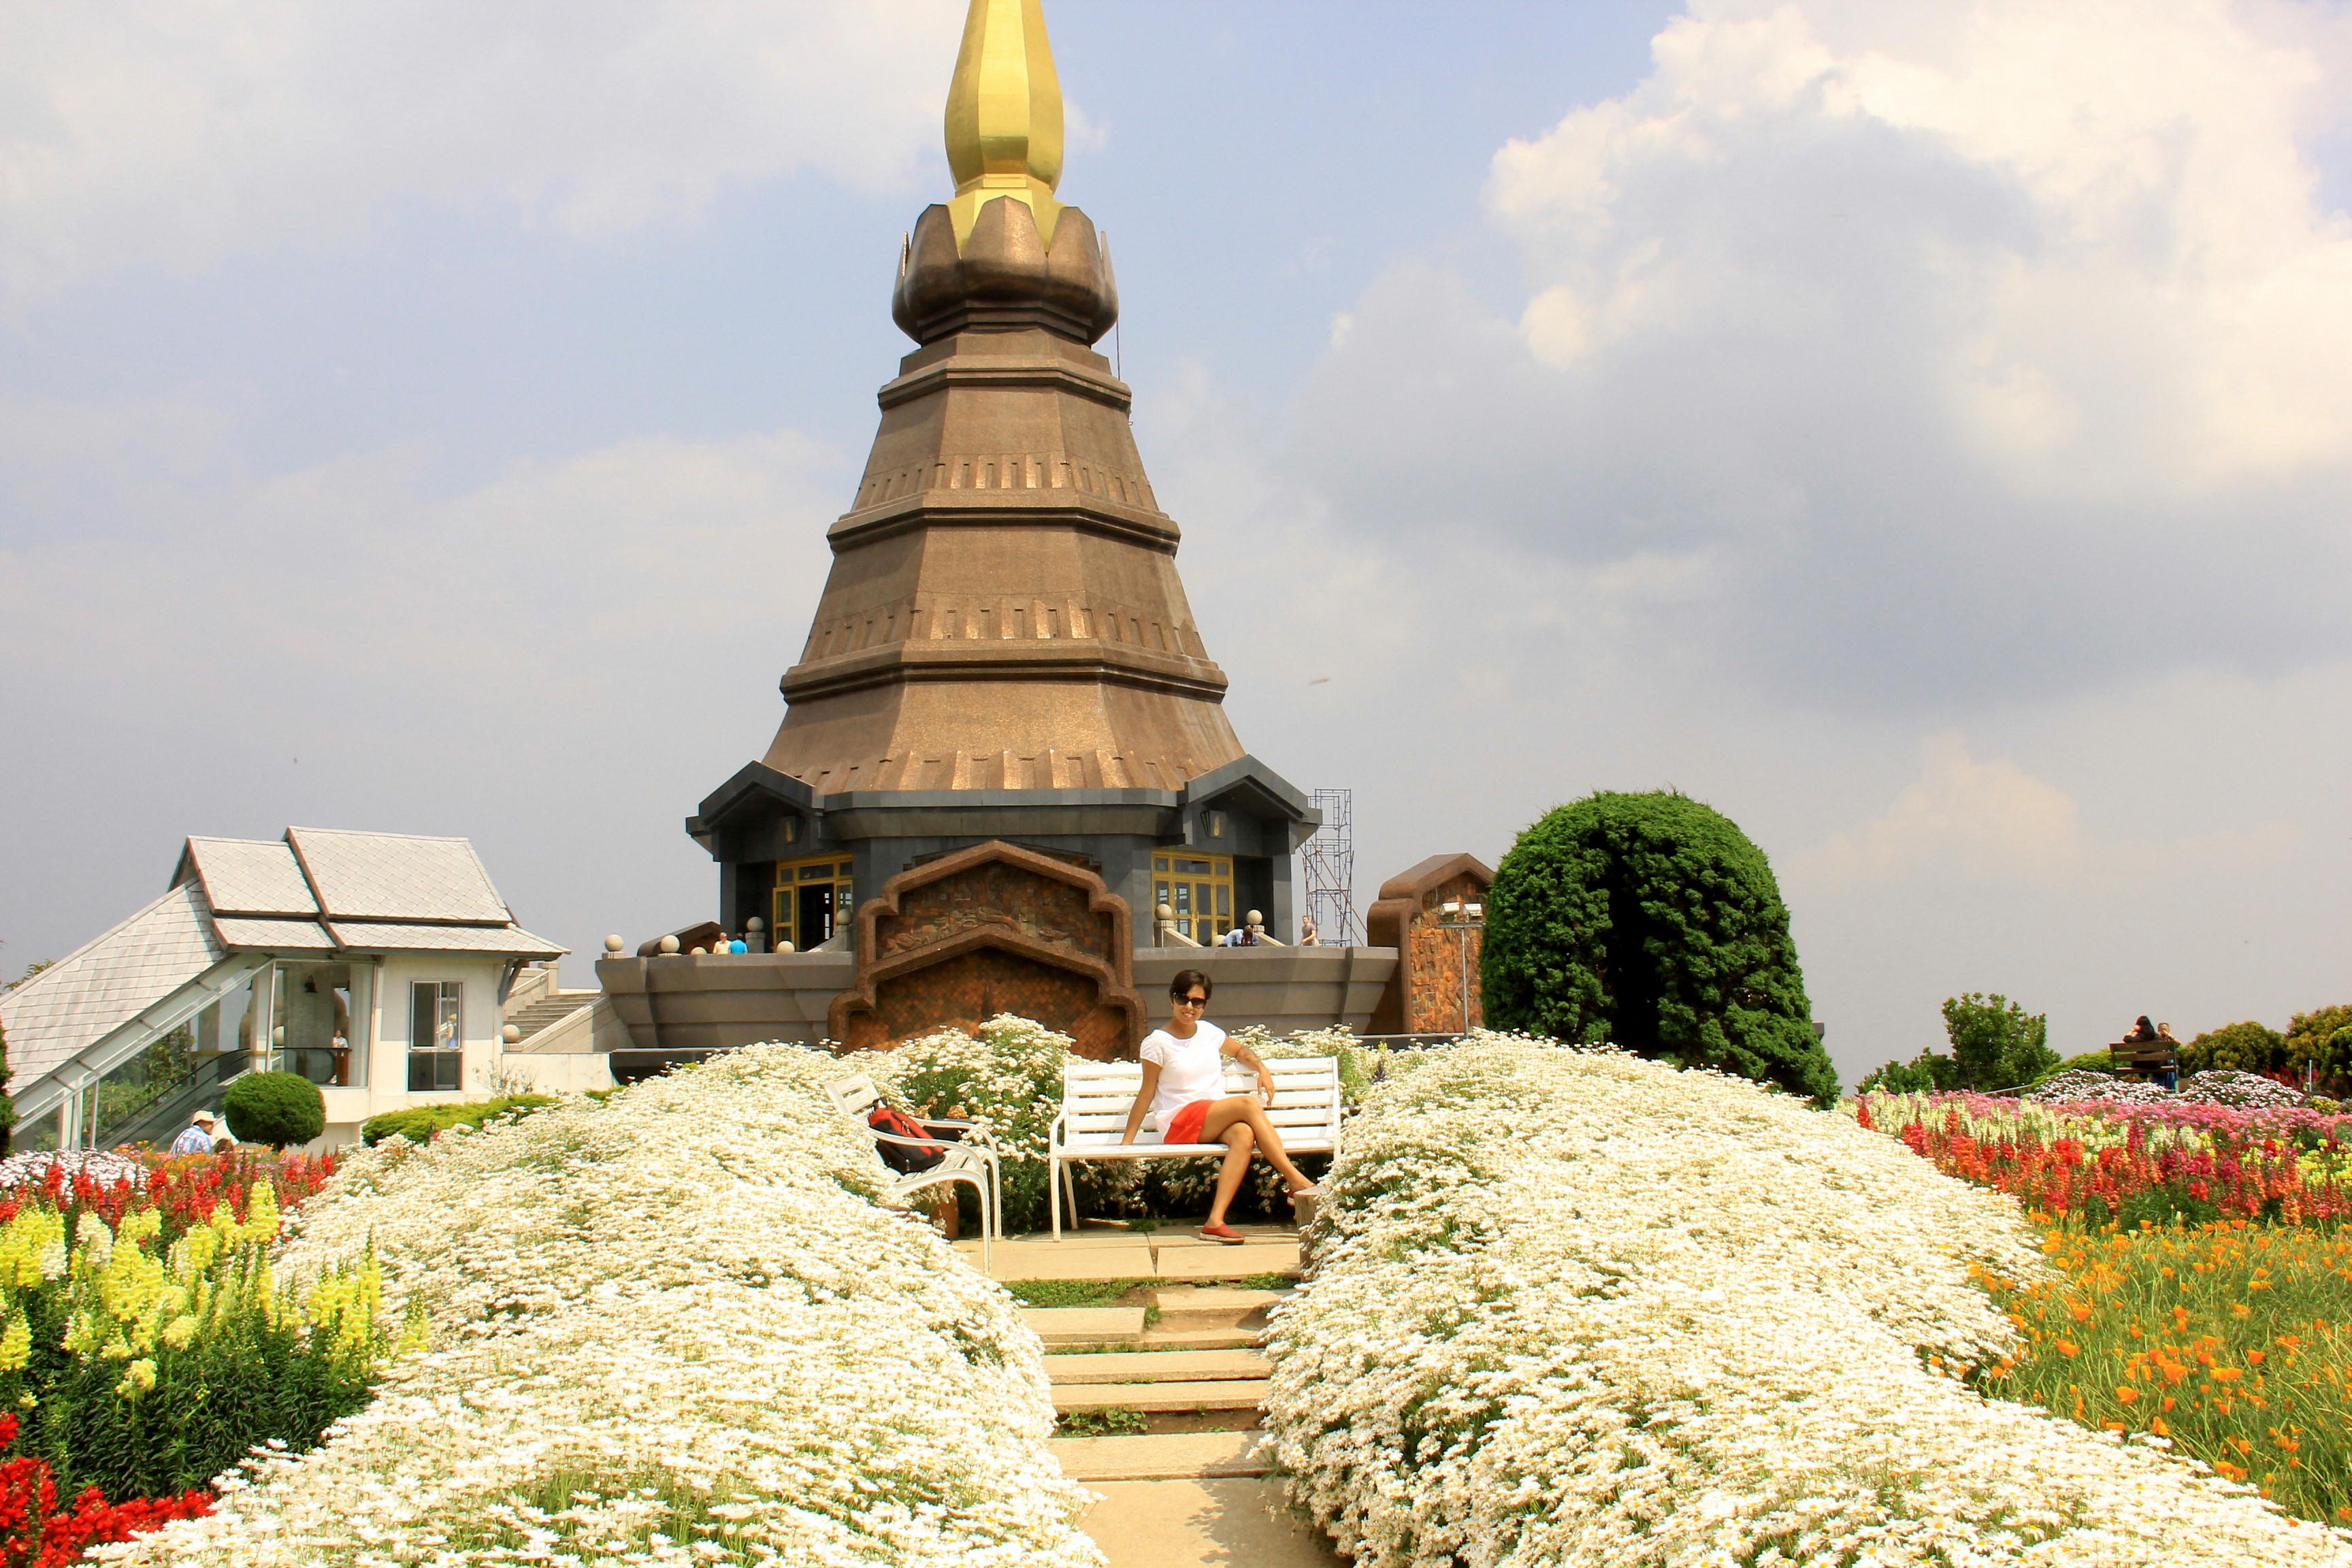 For the royal pagodas